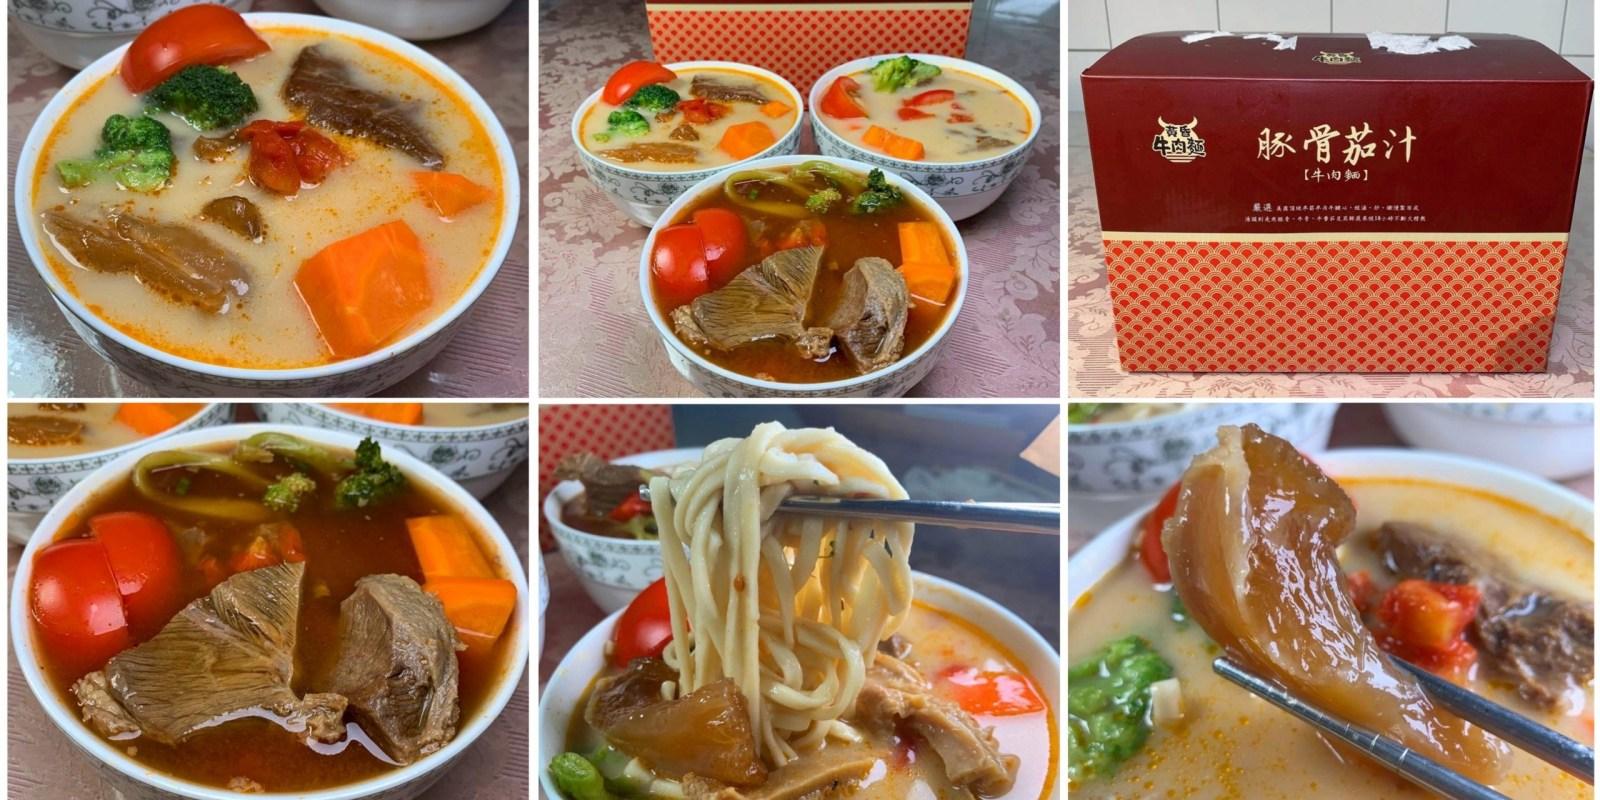 [宅配美食] 麻豆黃昏牛肉麵 - 台南知名牛肉麵用宅配也能吃的到了!